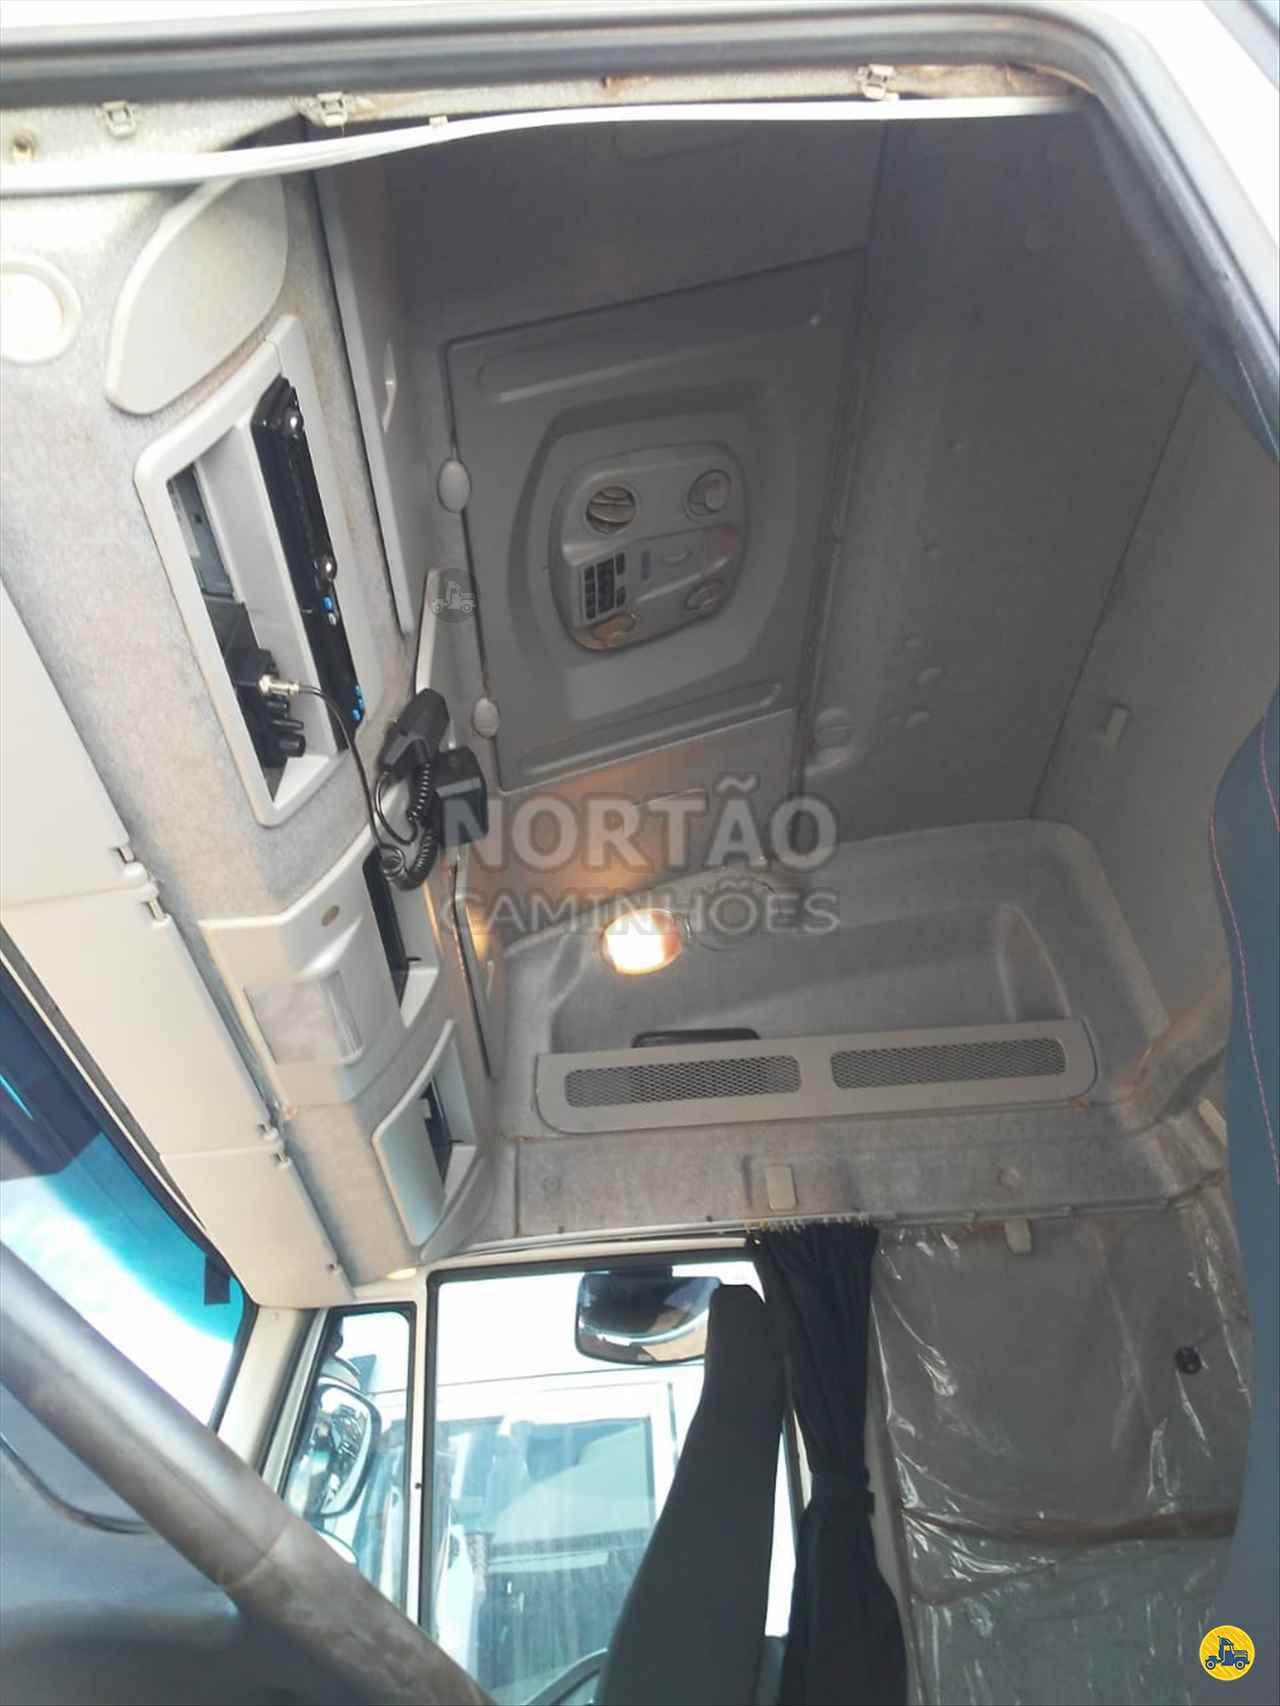 IVECO STRALIS 480 500000km 2014/2014 Nortão Caminhões